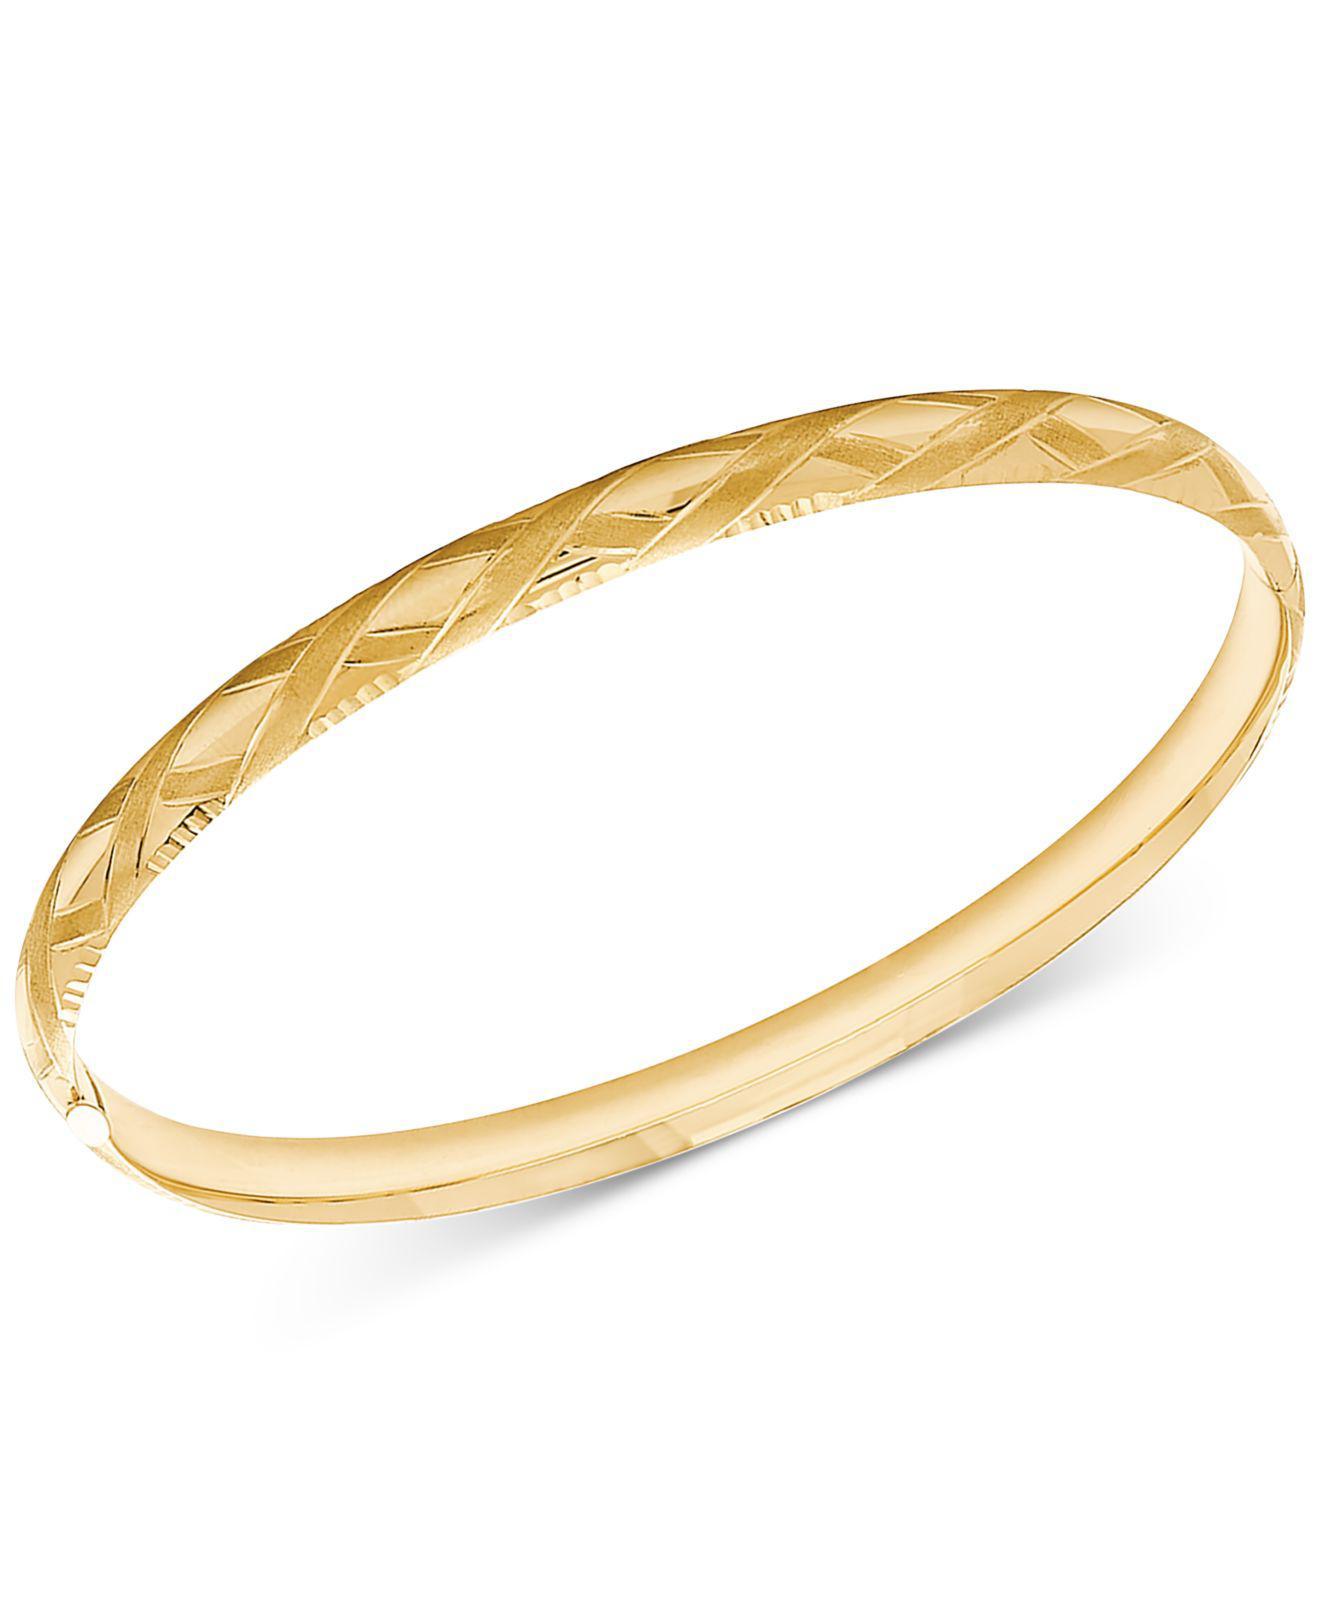 0b3577161ac2d Women's Metallic Patterned Bangle Bracelet In 14k Gold